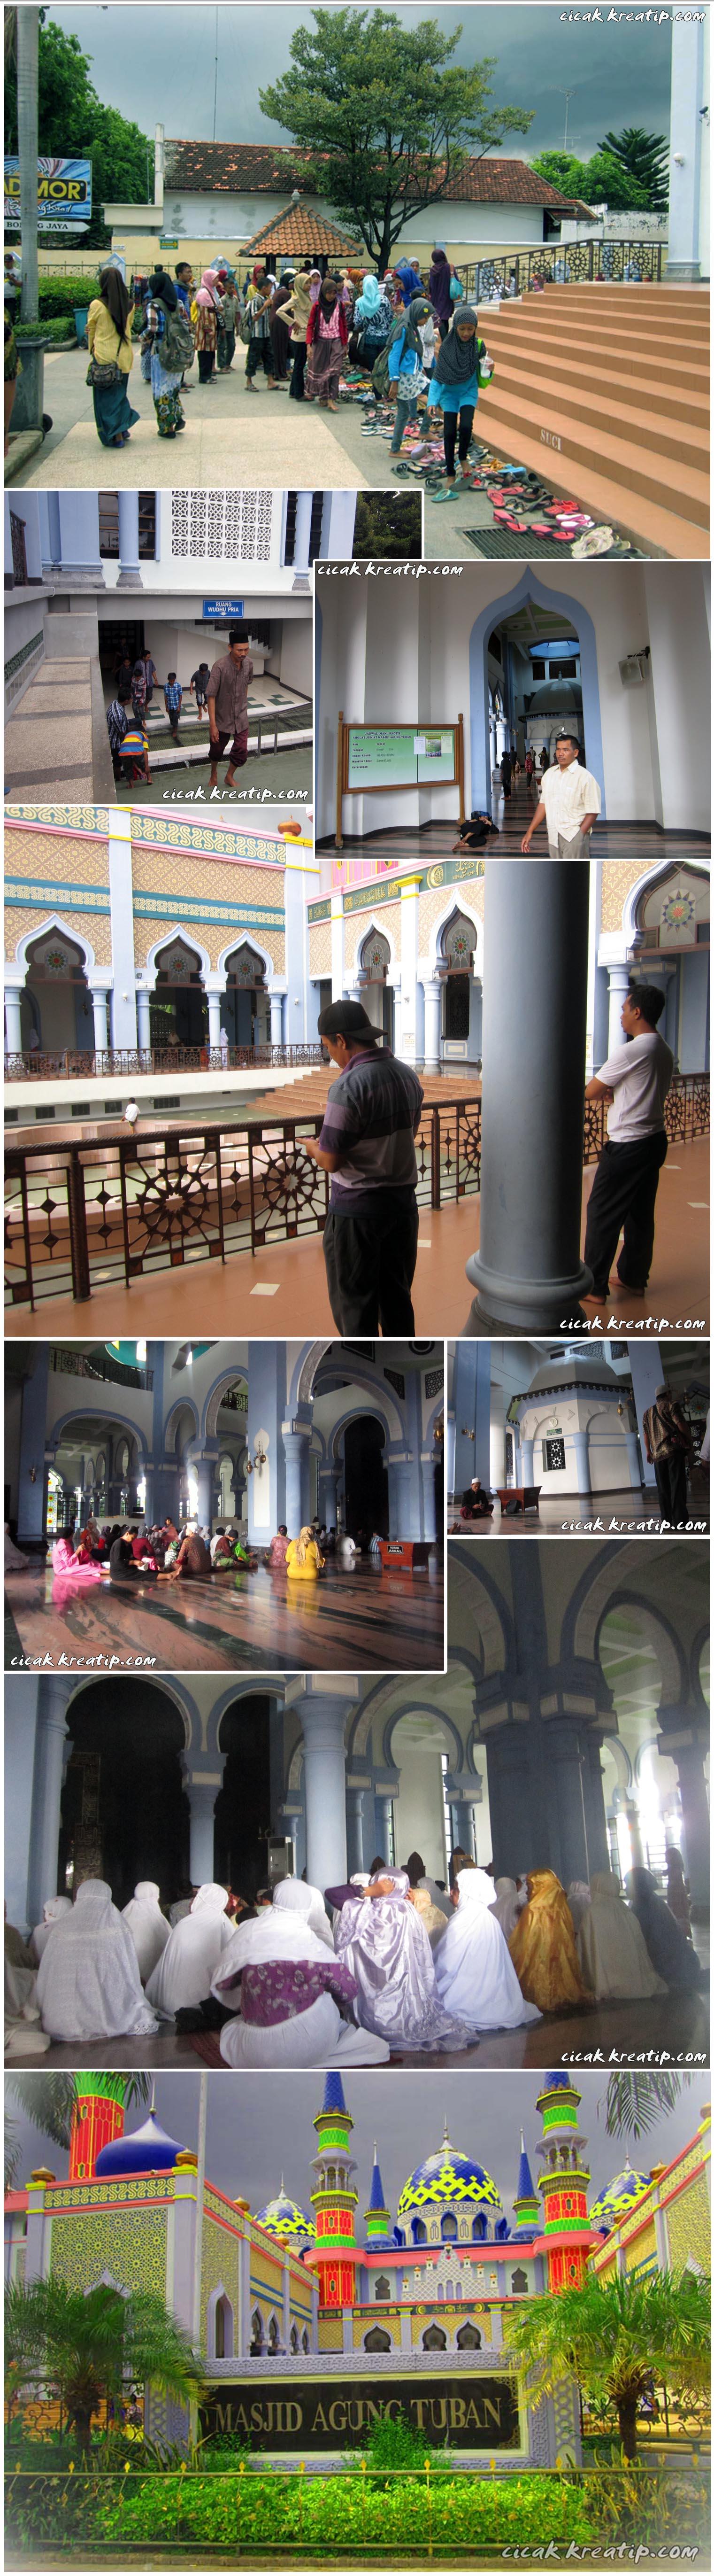 masjid agung tuban 05